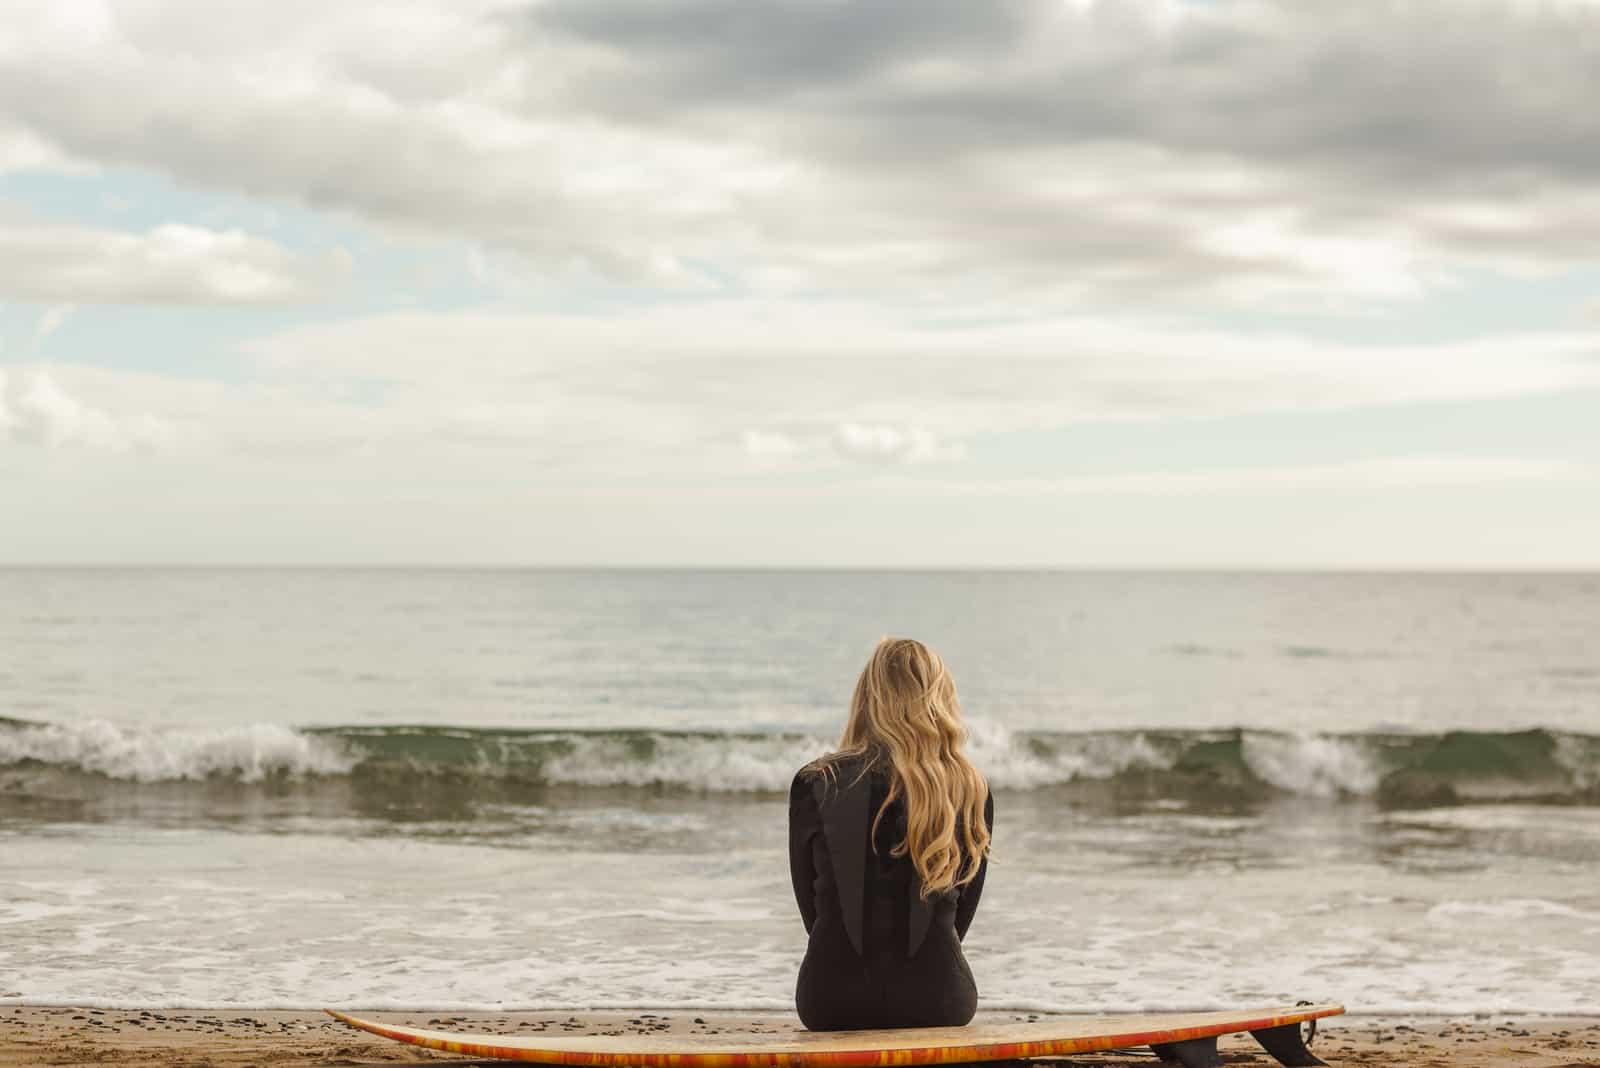 eine Frau mit langen blonden Haaren sitzt am Meer